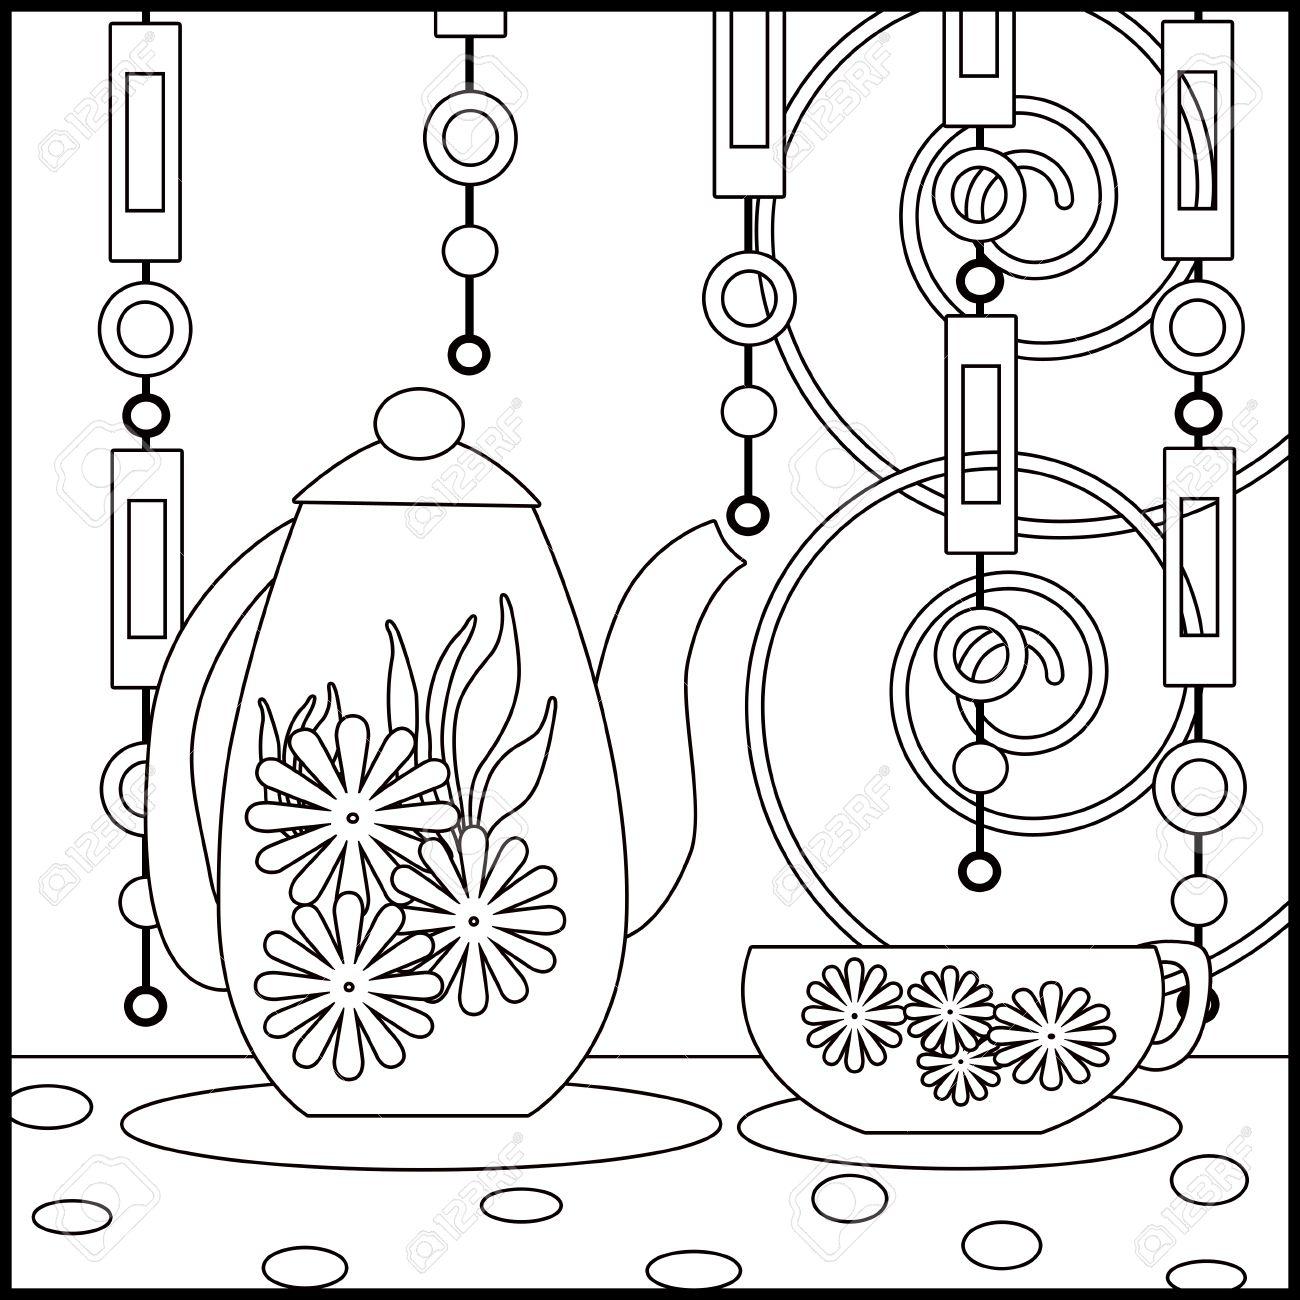 Immagini Stock Priorità Bassa Del Tè Con La Tazza Vaso E Fiori